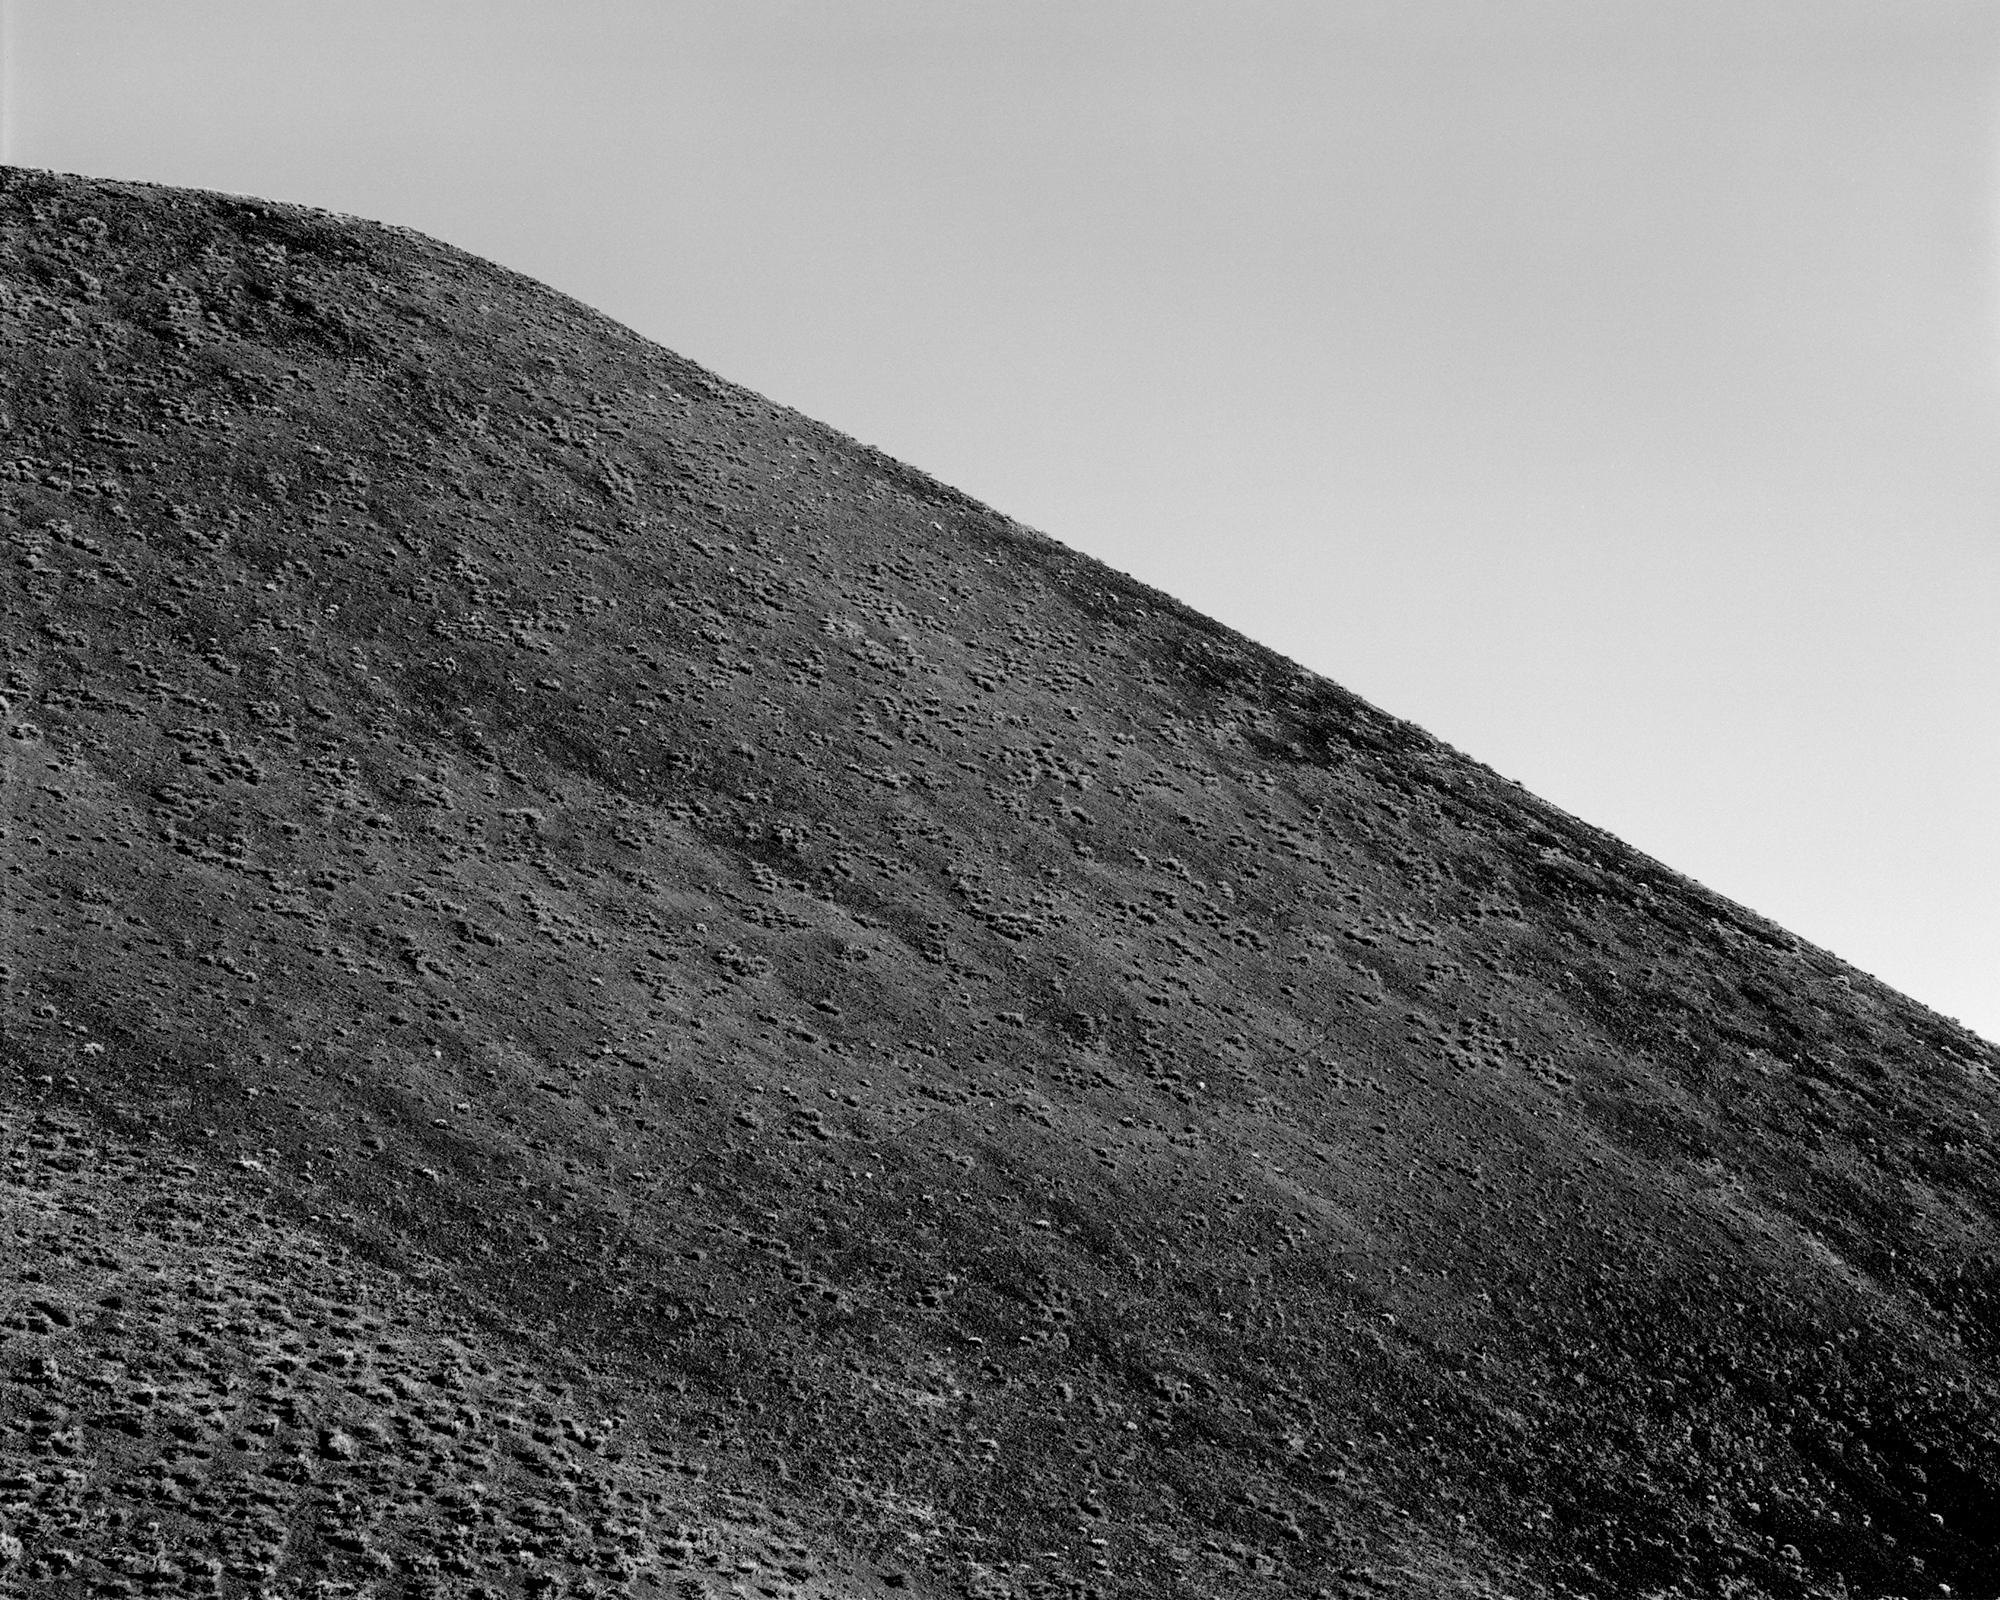 Owens Valley No. 3